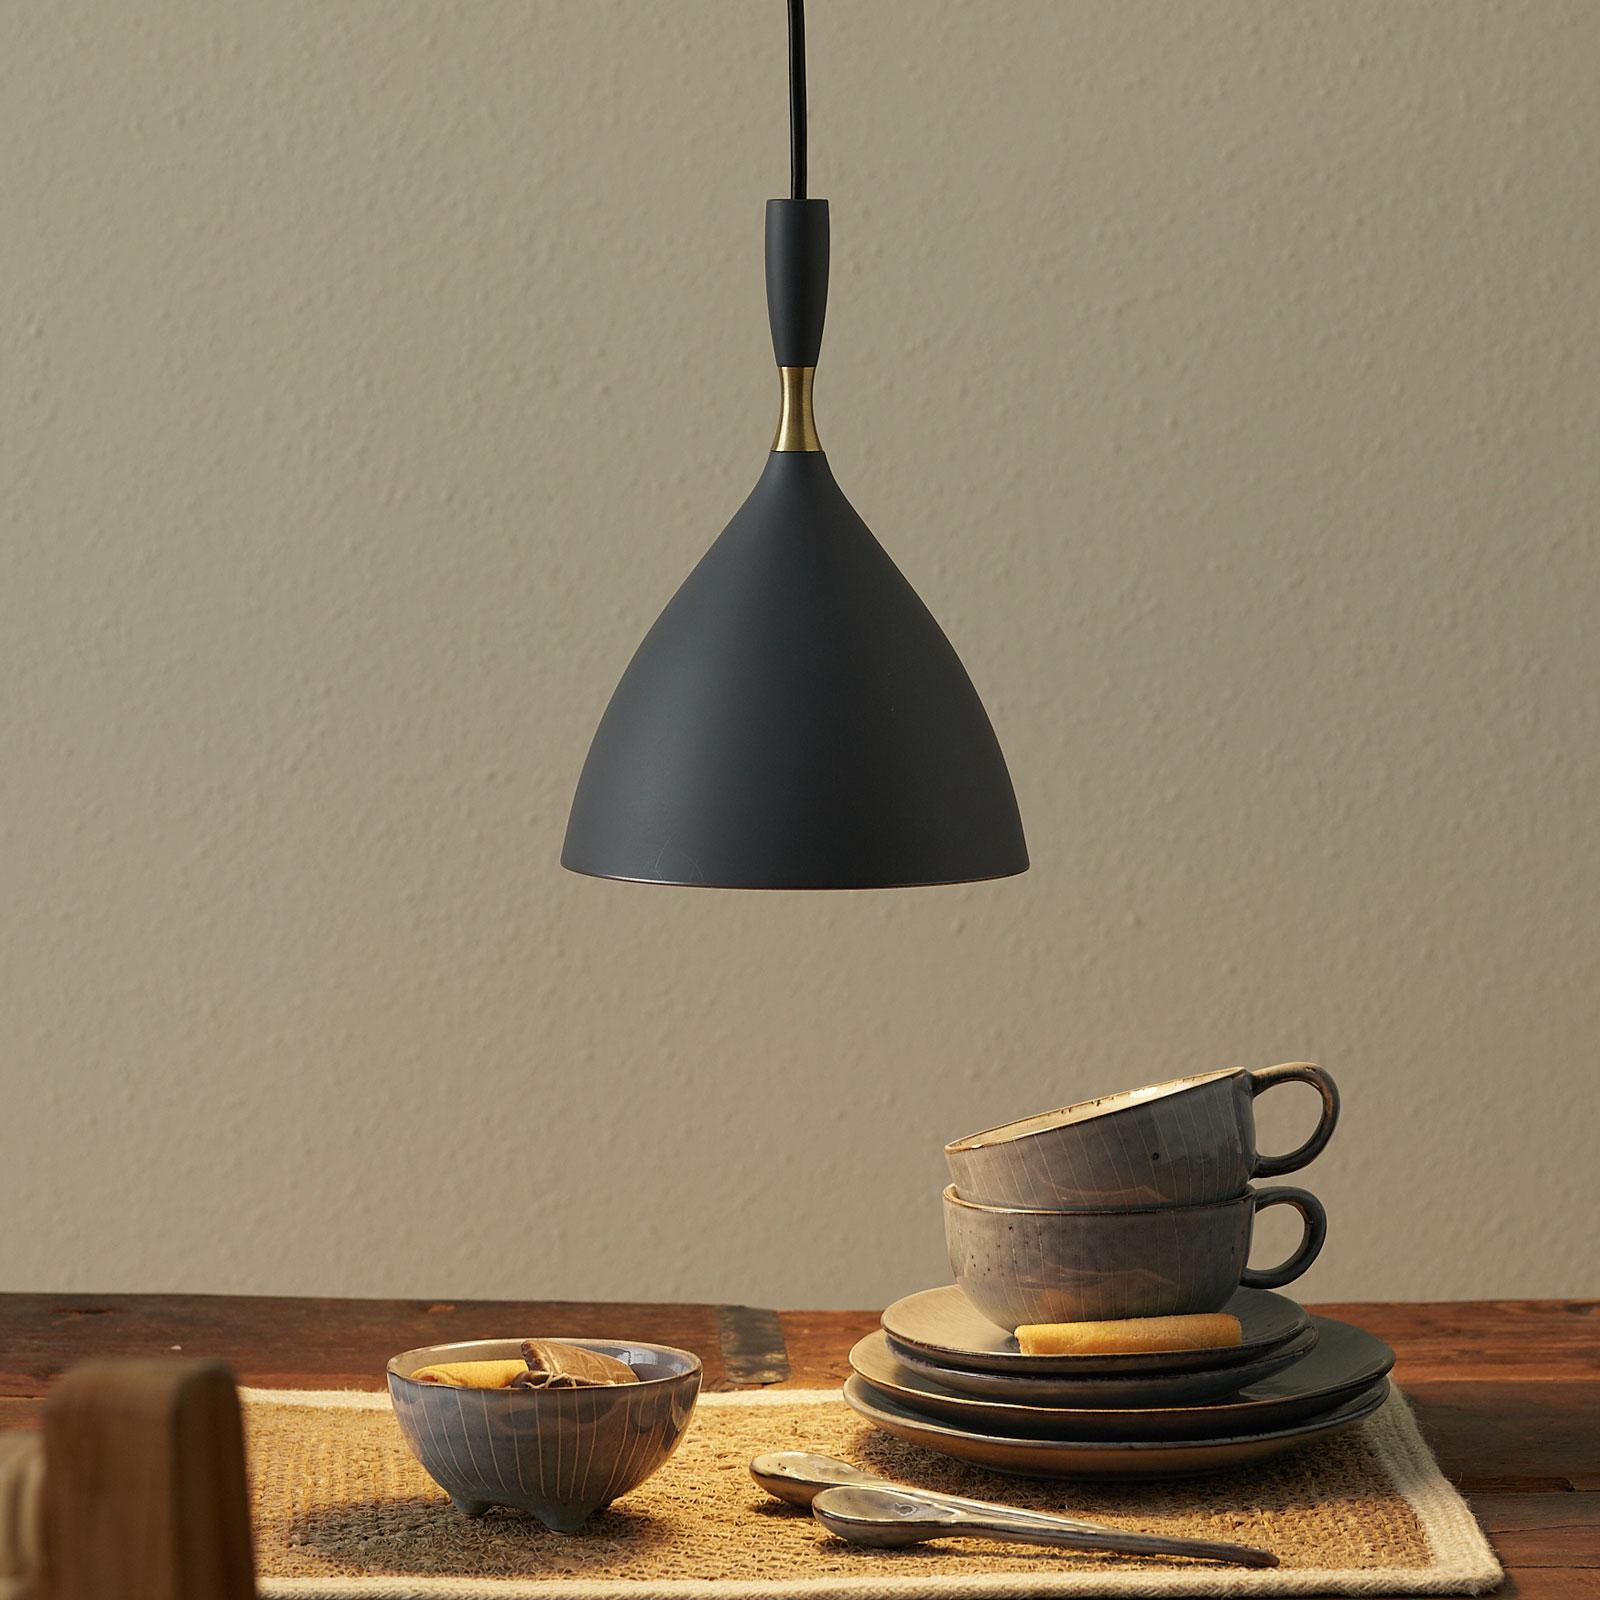 Donkergrijze Hanglamp Dokka van staal